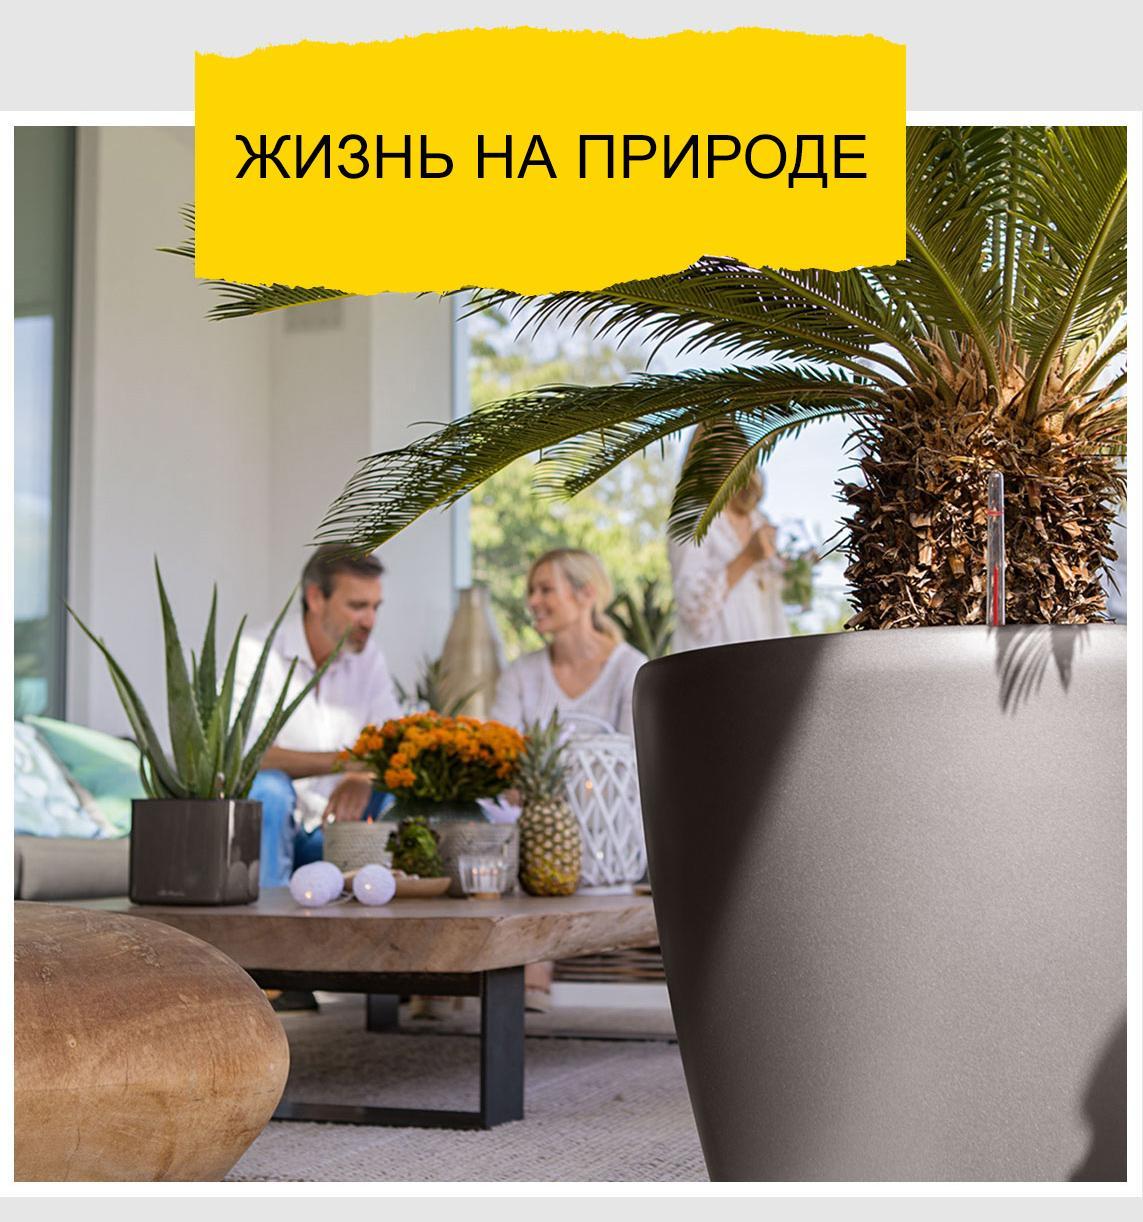 'На переднем плане стоит большой LECHUZA CLASSICO Premium цвета антрацит с пальмой. На заднем плане - красиво украшенный журнальный столик